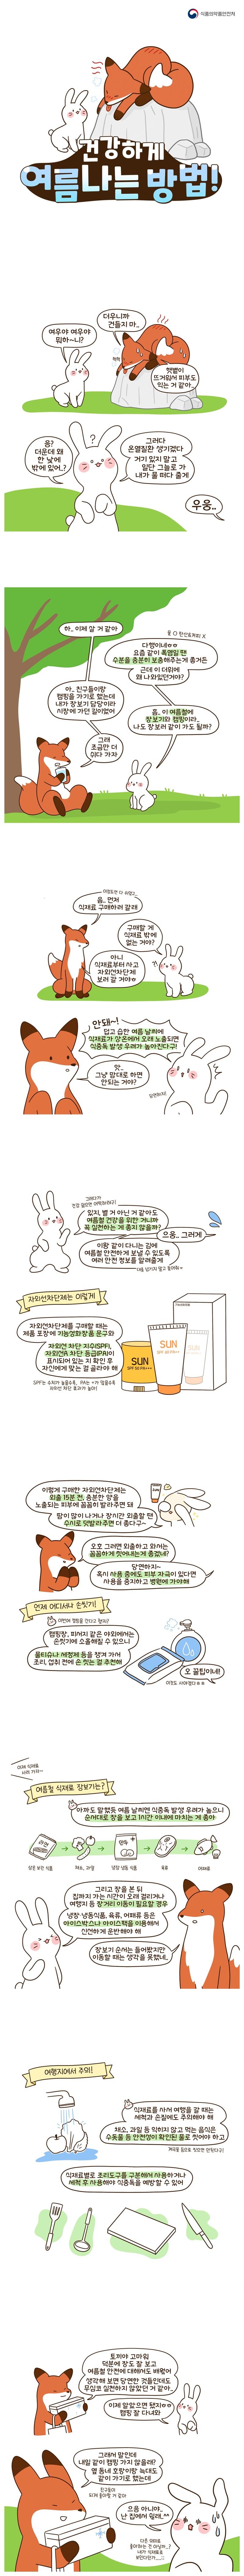 [웹툰] 건강하게 여름 나는 방법!